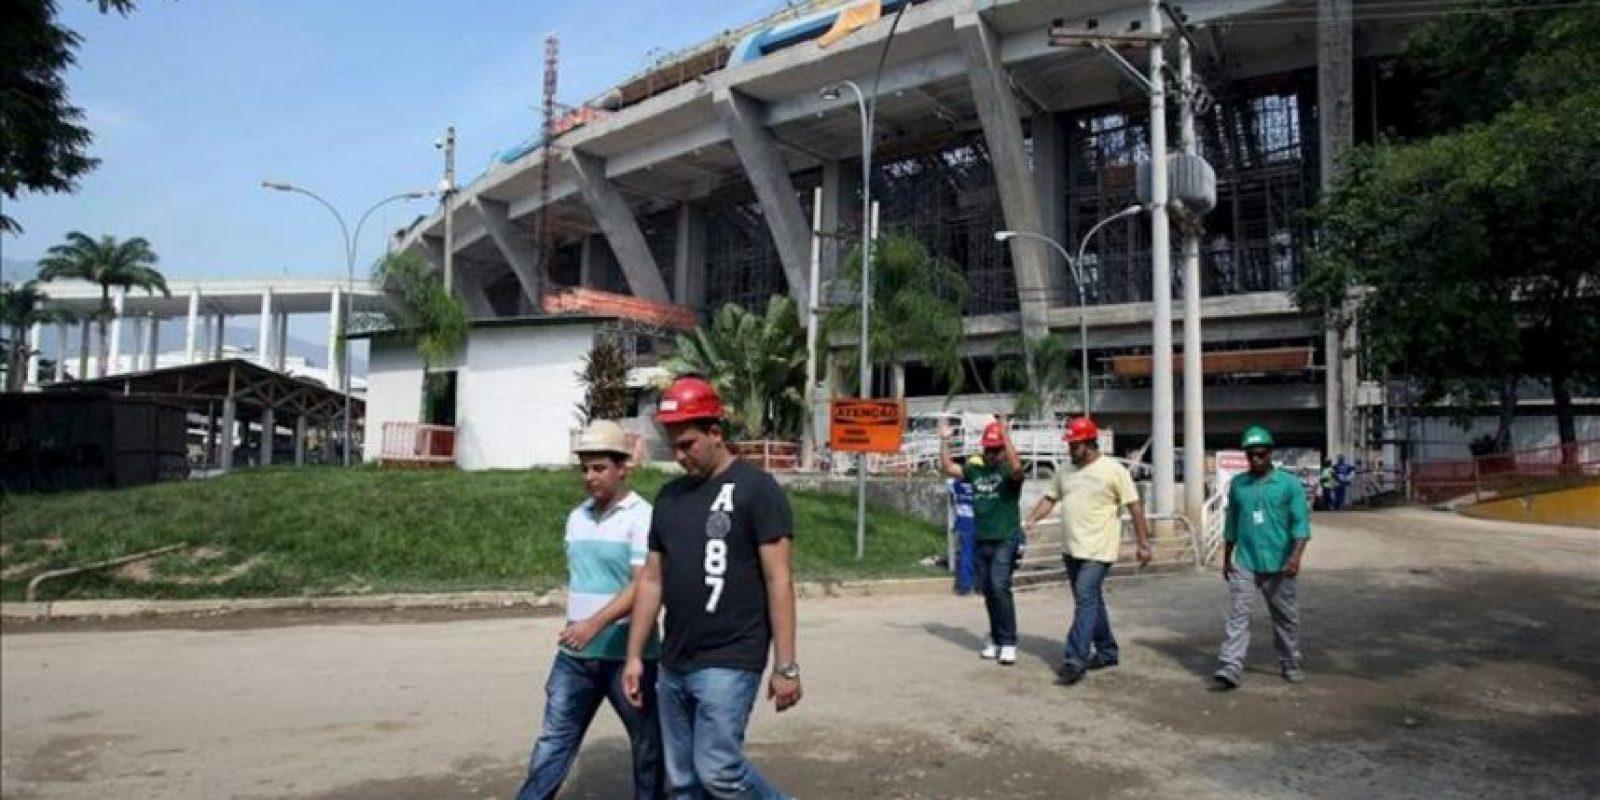 Varios visitantes a su salida del estadio Maracaná donde se llevará a cabo el Mundial de Fútbol de 2014 en Brasil, durante las obras de remodelación y que fue abierto al público este 14 de abril, en la ciudad de Río de Janeiro. EFE